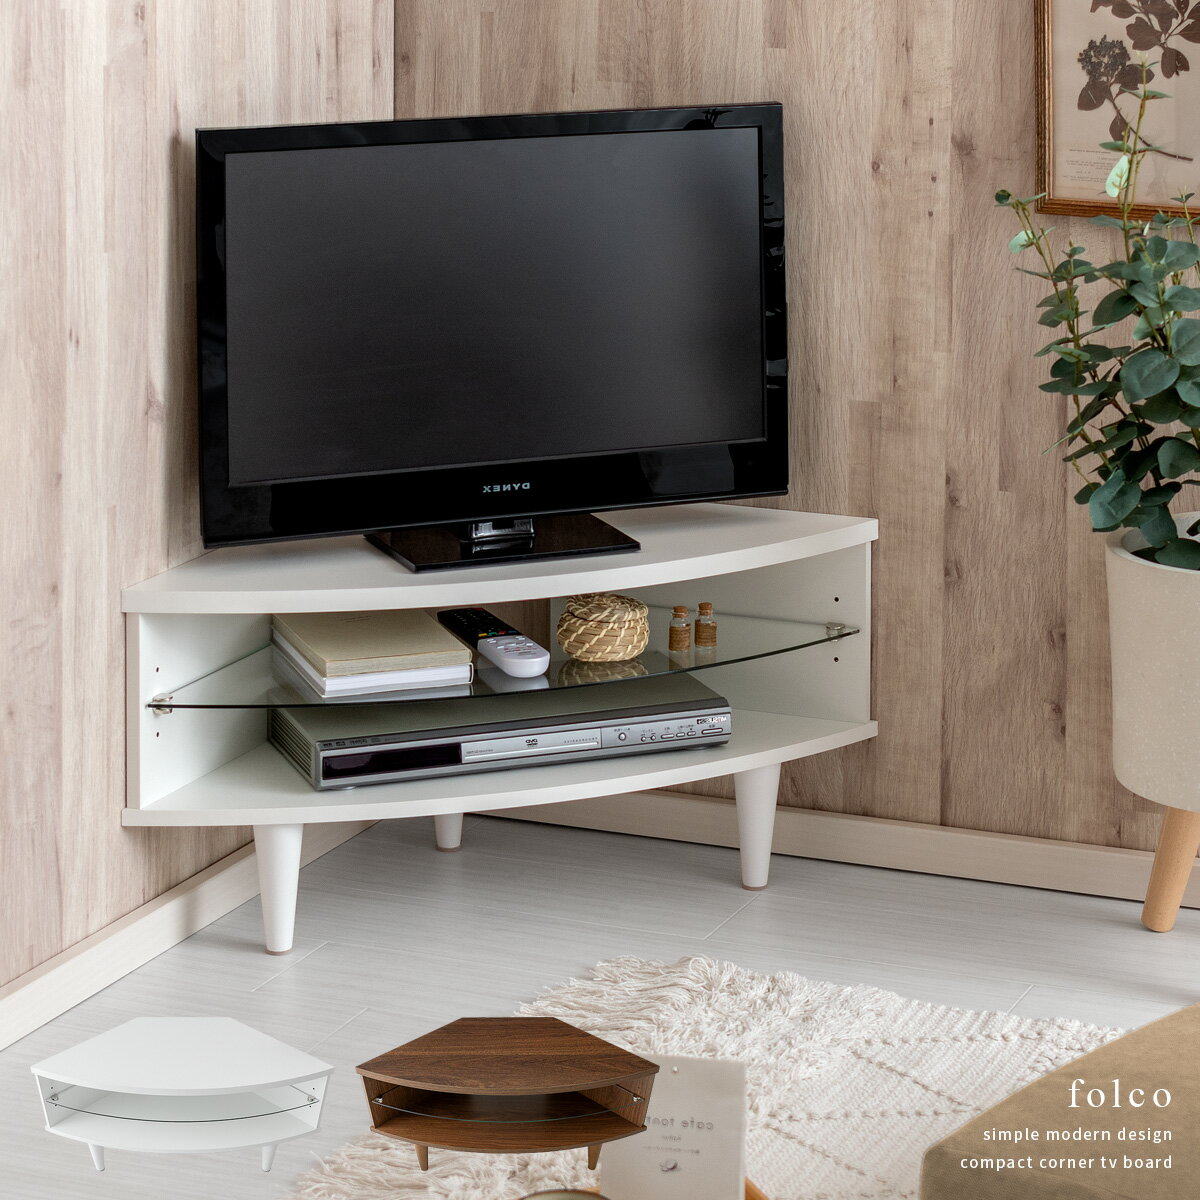 folco フォルコ テレビ台|北欧 コーナー 白 ホワイト おしゃれ ラック 木製 モダン 収納 ナチュラル コンパクト リビング コーナーラック テレビボード 三角 ローボード 32インチ tvボード デザイン テレビラック tv台 32型 小型 小さい かわいい 一人暮らし シンプル